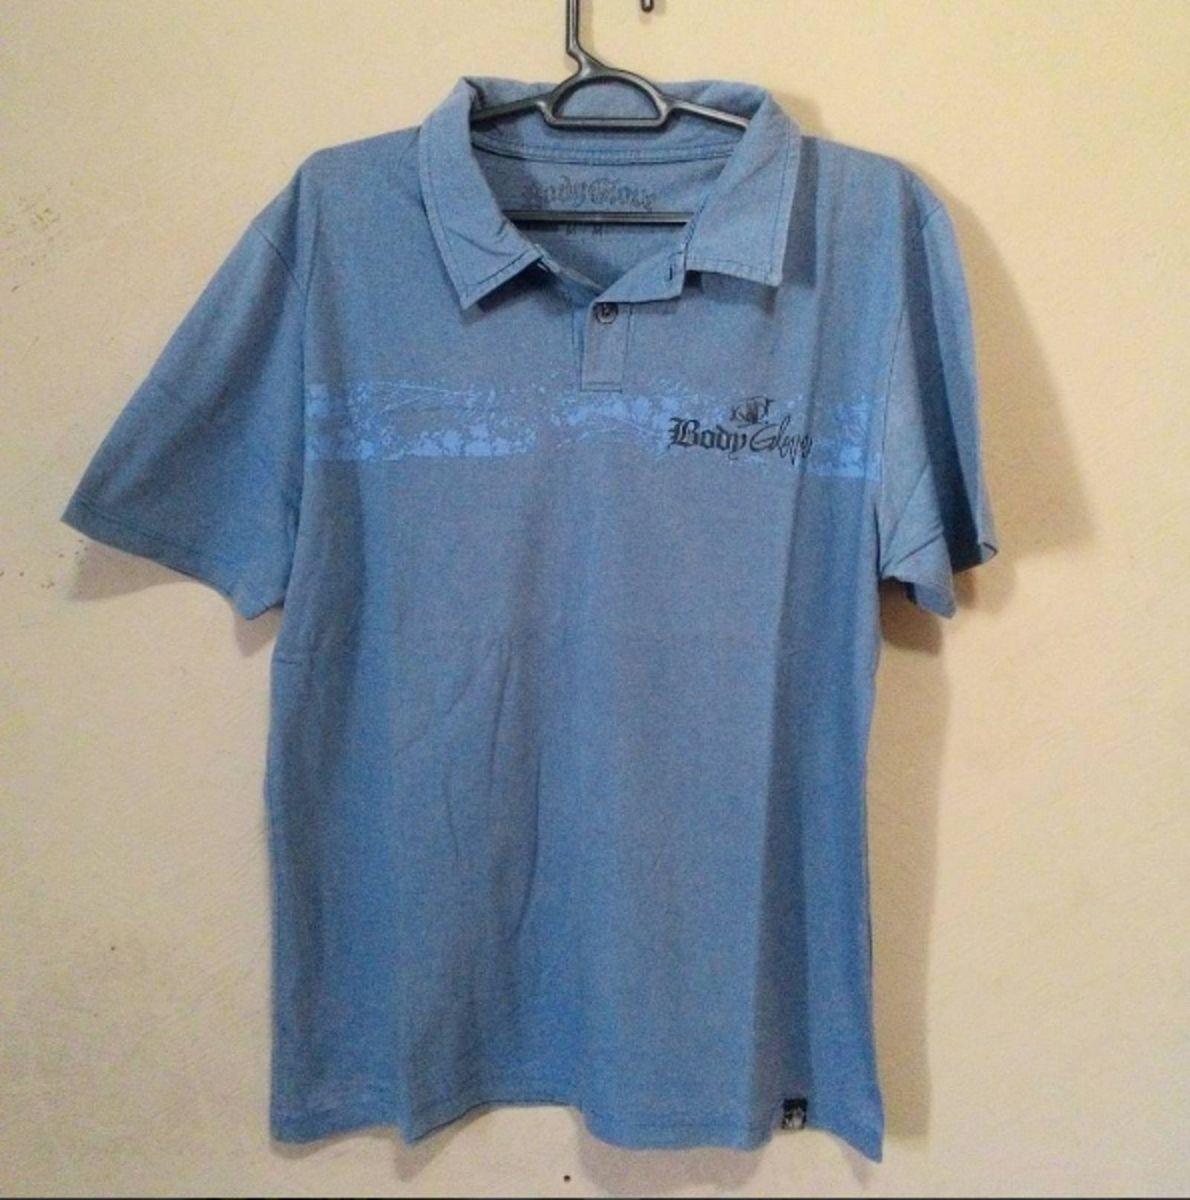 3fb0378e89 camisa gola polo estampada - camisas body glove.  Czm6ly9wag90b3muzw5qb2vplmnvbs5ici9wcm9kdwn0cy82mje0mjgylzczm2uwmjqzngu3ymnjodc3ywqymwixnzzkzjmyymyzlmpwzw  ...